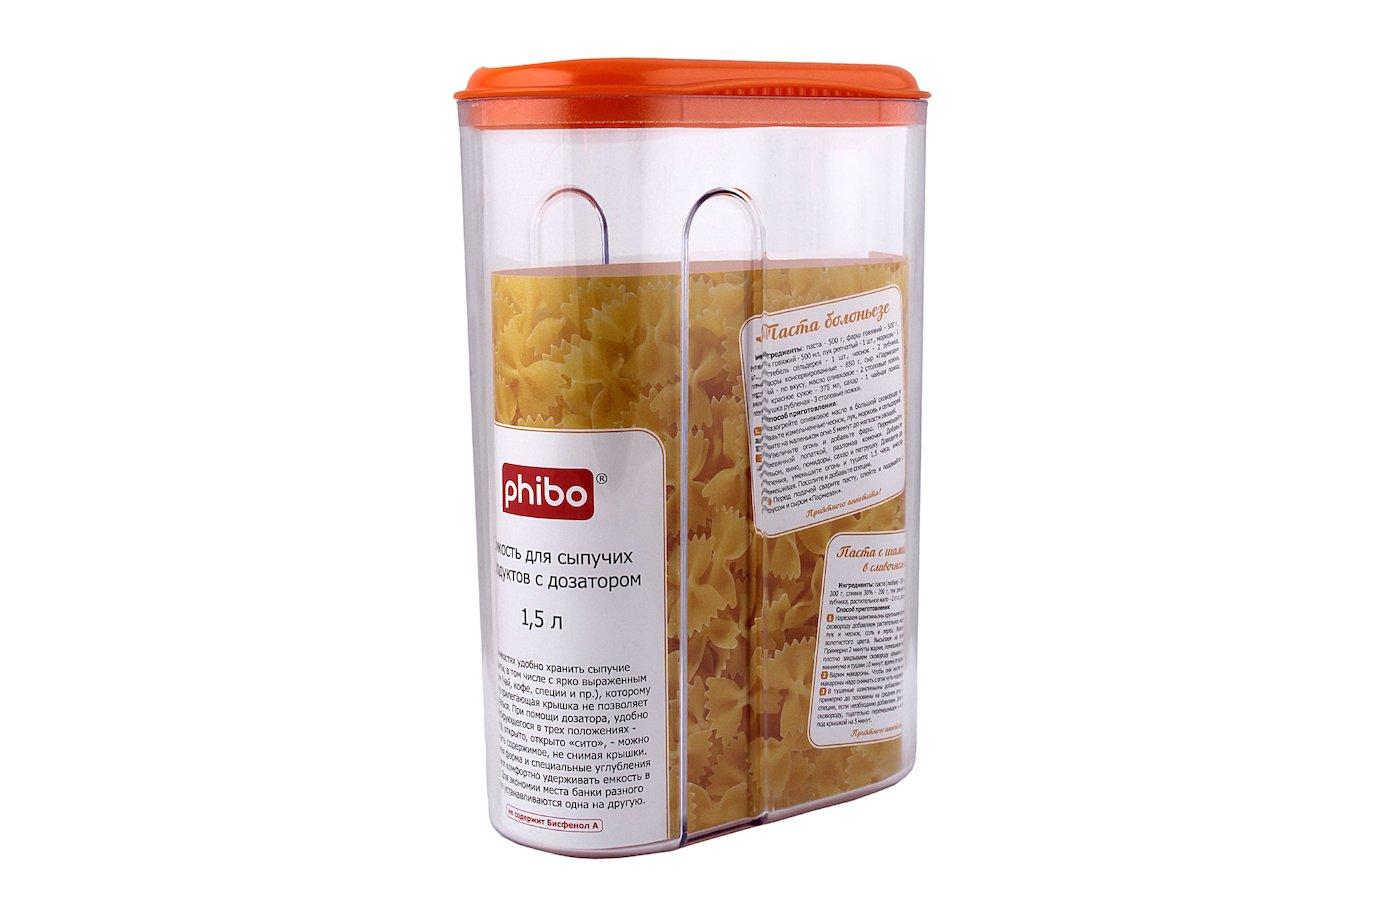 контейнеры для продуктов БЫТПЛАСТ 4312508 емкость д/сып. продуктов 1.5л. с дозат.